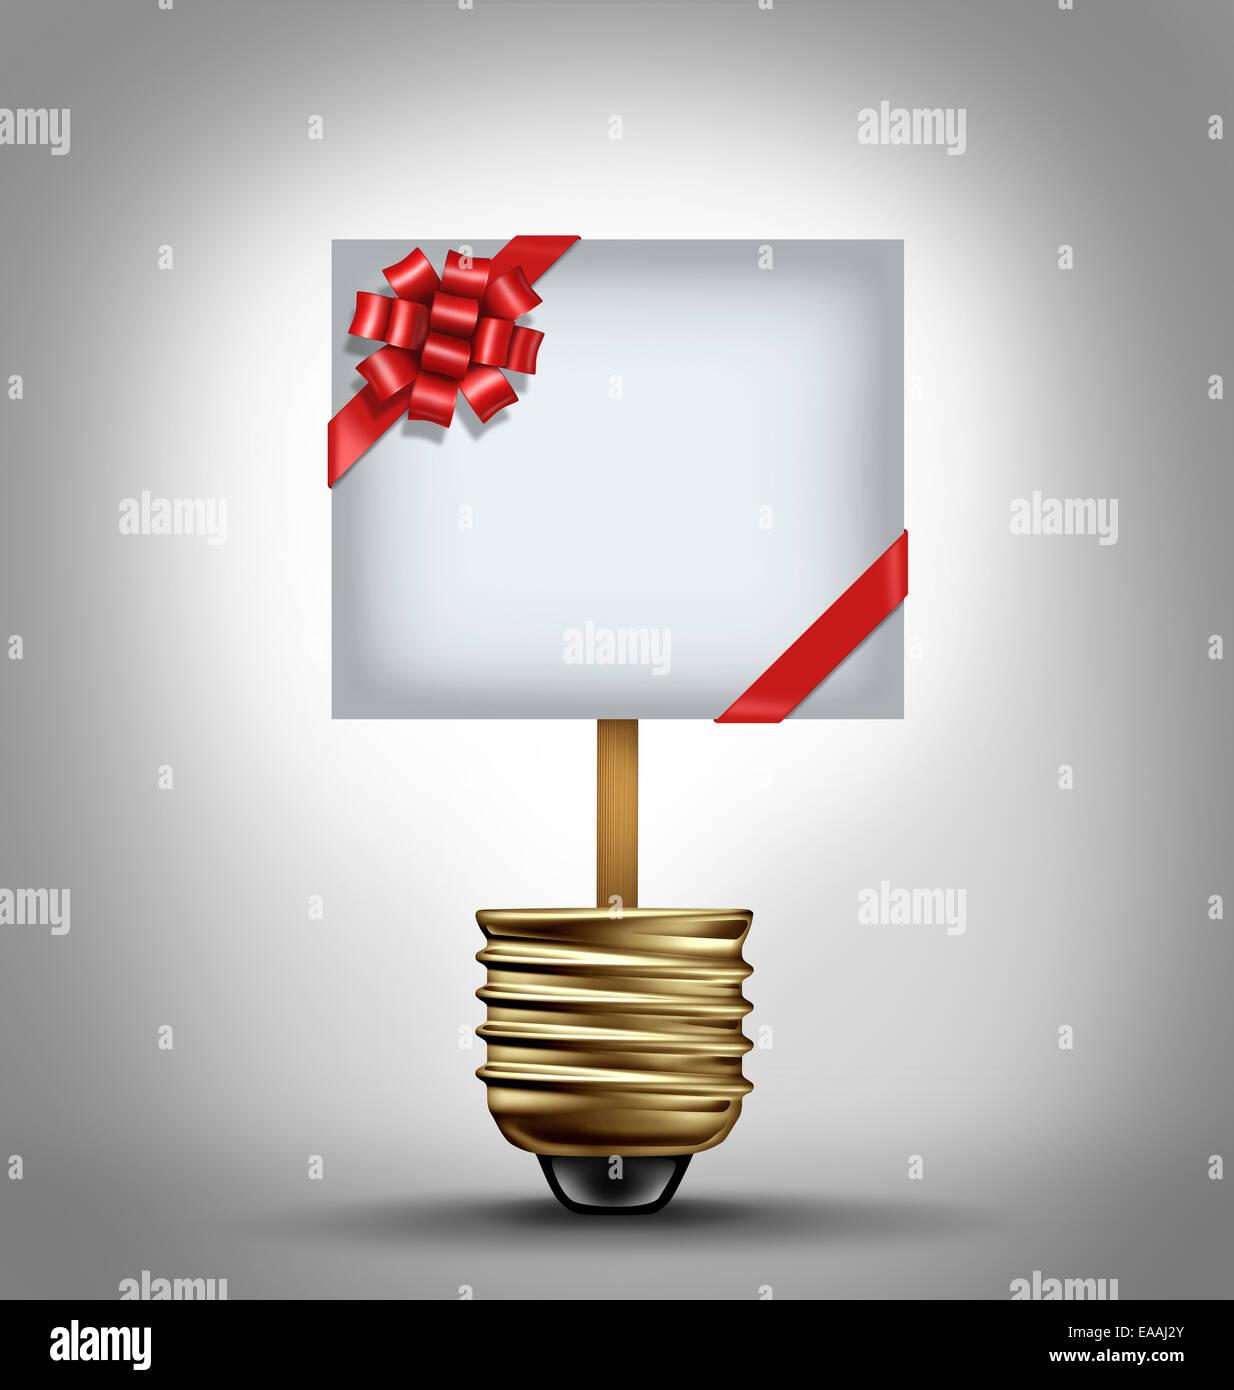 Geschenk-Konzept als eine offene Glühbirne mit einer roten Schleife verziert Zeichen als Urlaub shopping Ideen Stockbild